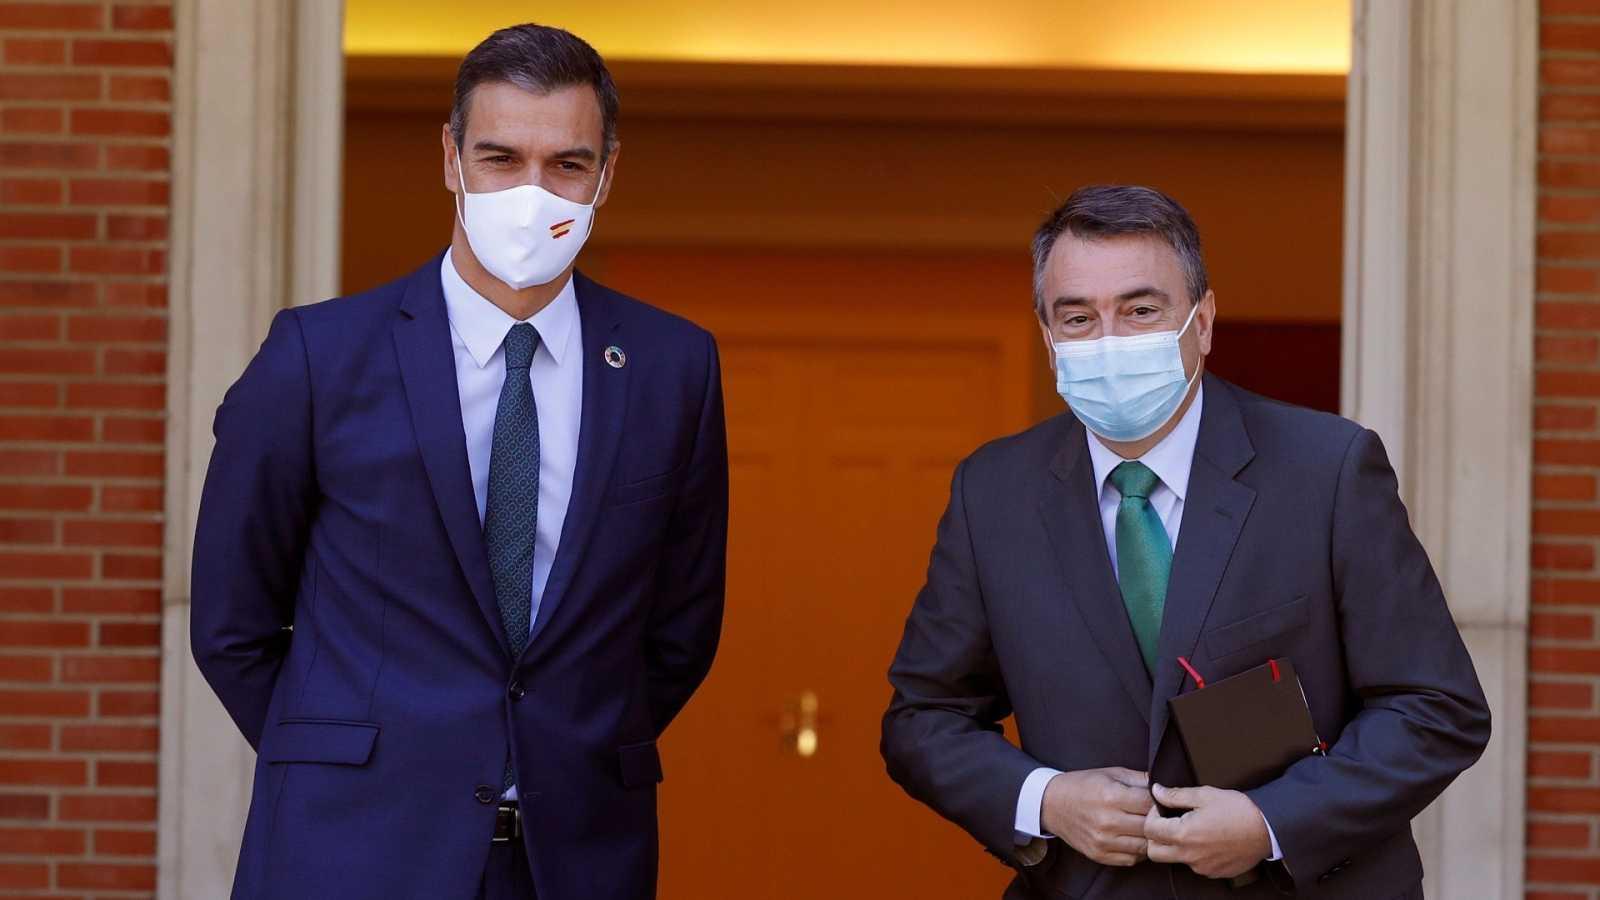 El presidente del Gobierno, Pedro Sánchez, ha recibido este jueves al portavoz del PNV en el Congreso, Aitor Esteban (d), en el Palacio en La Moncloa.